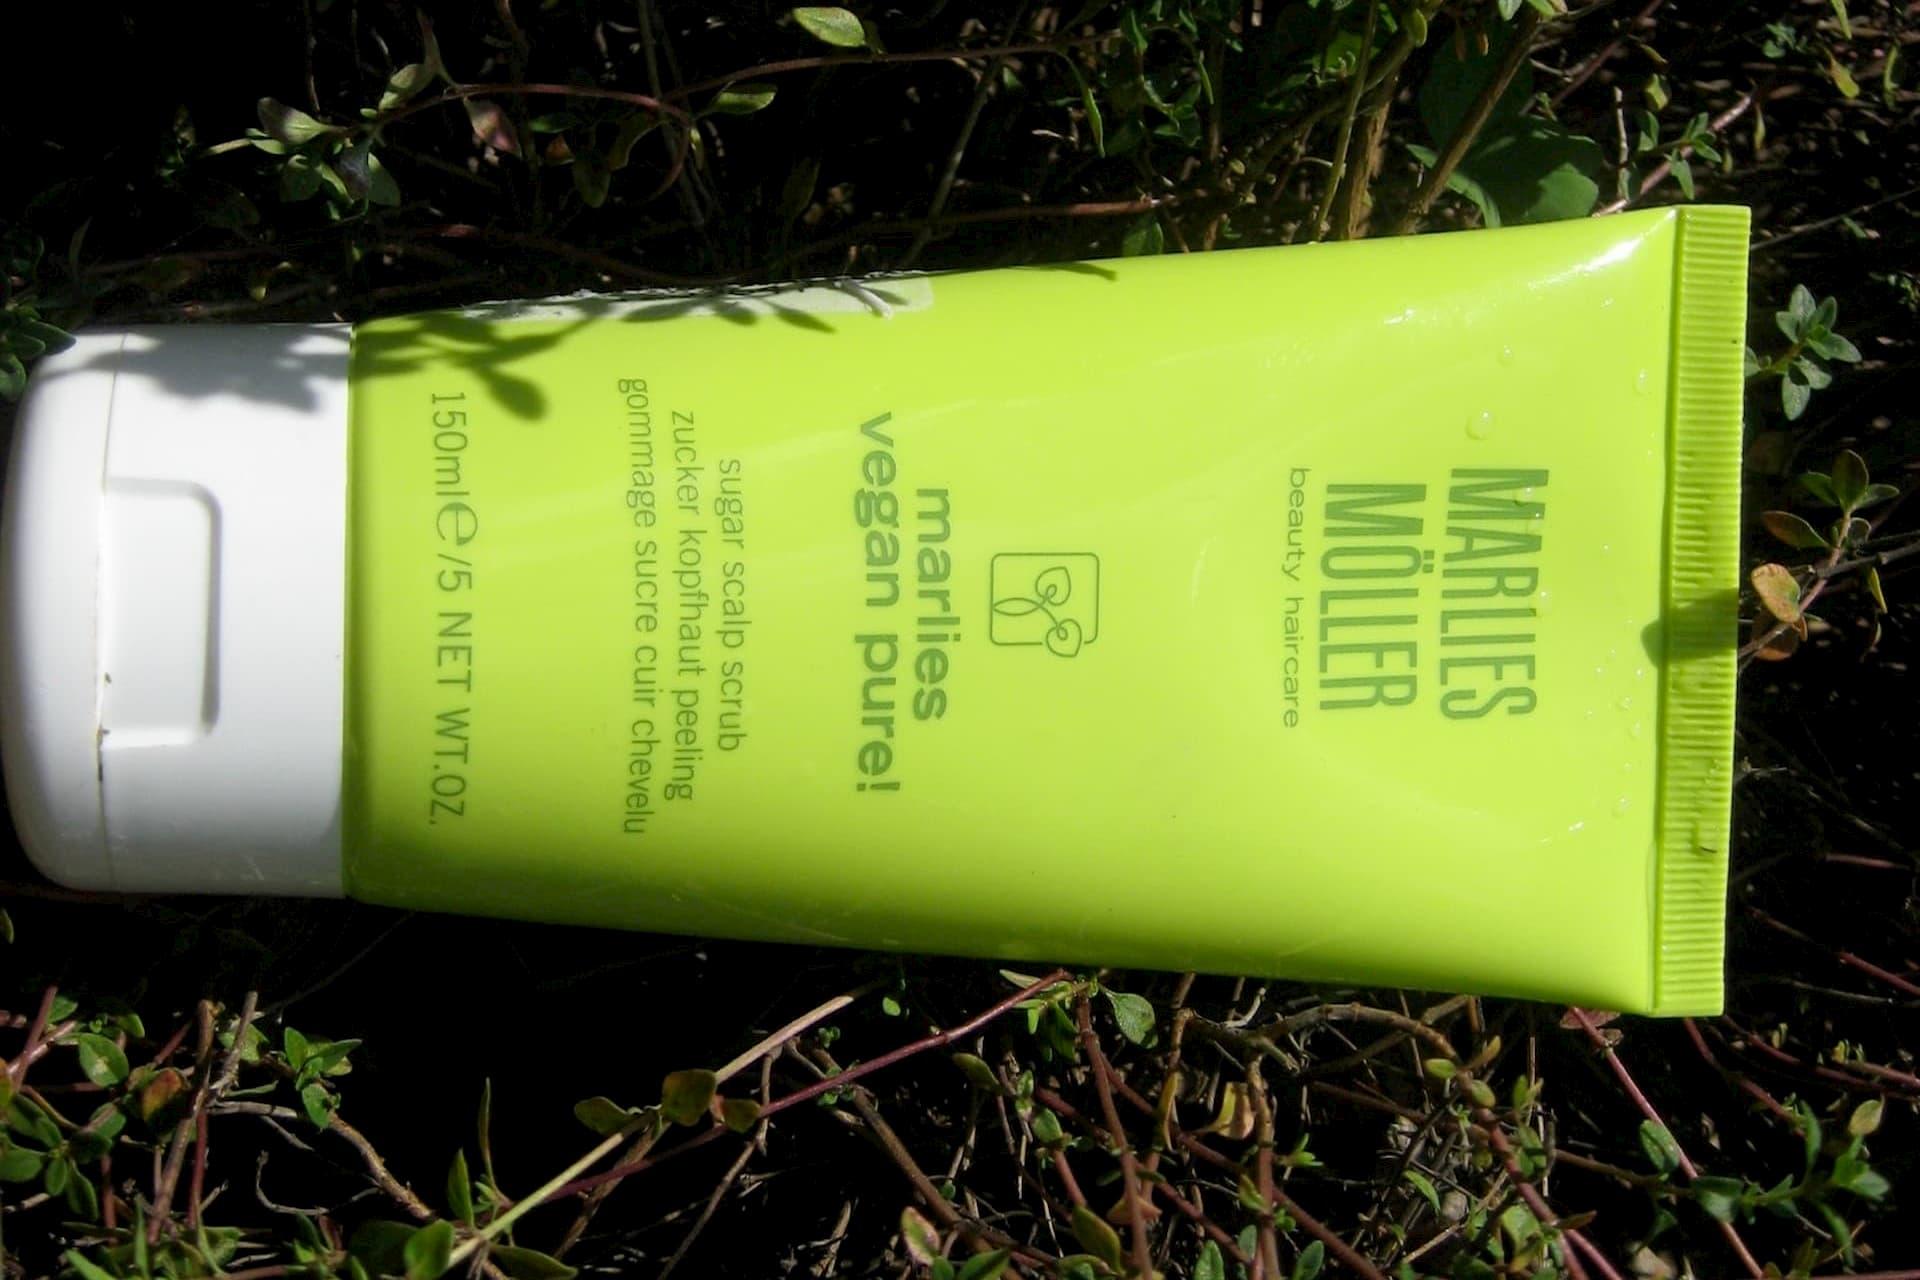 ВАУ-скраб Марлис Меллер для здоровой кожи головы и чистоты волос